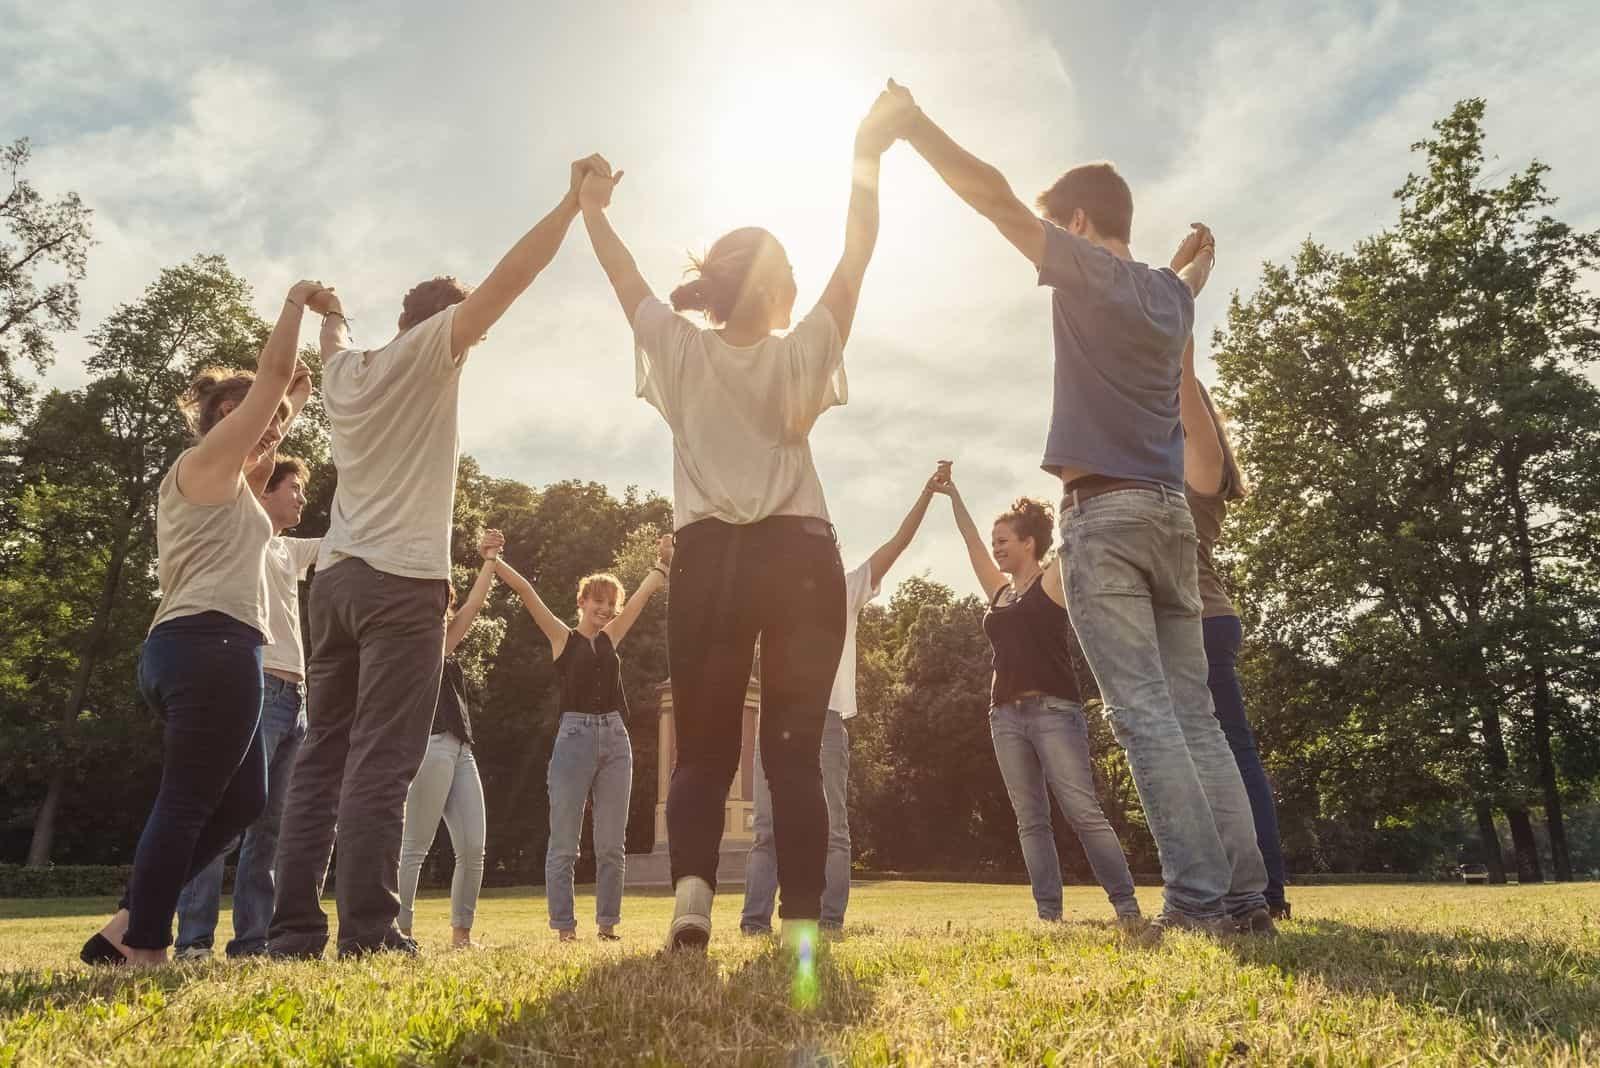 Gruppe von zehn Freunden, die Händchen halten, sie hochheben und herumkreisen und im Freien stehen